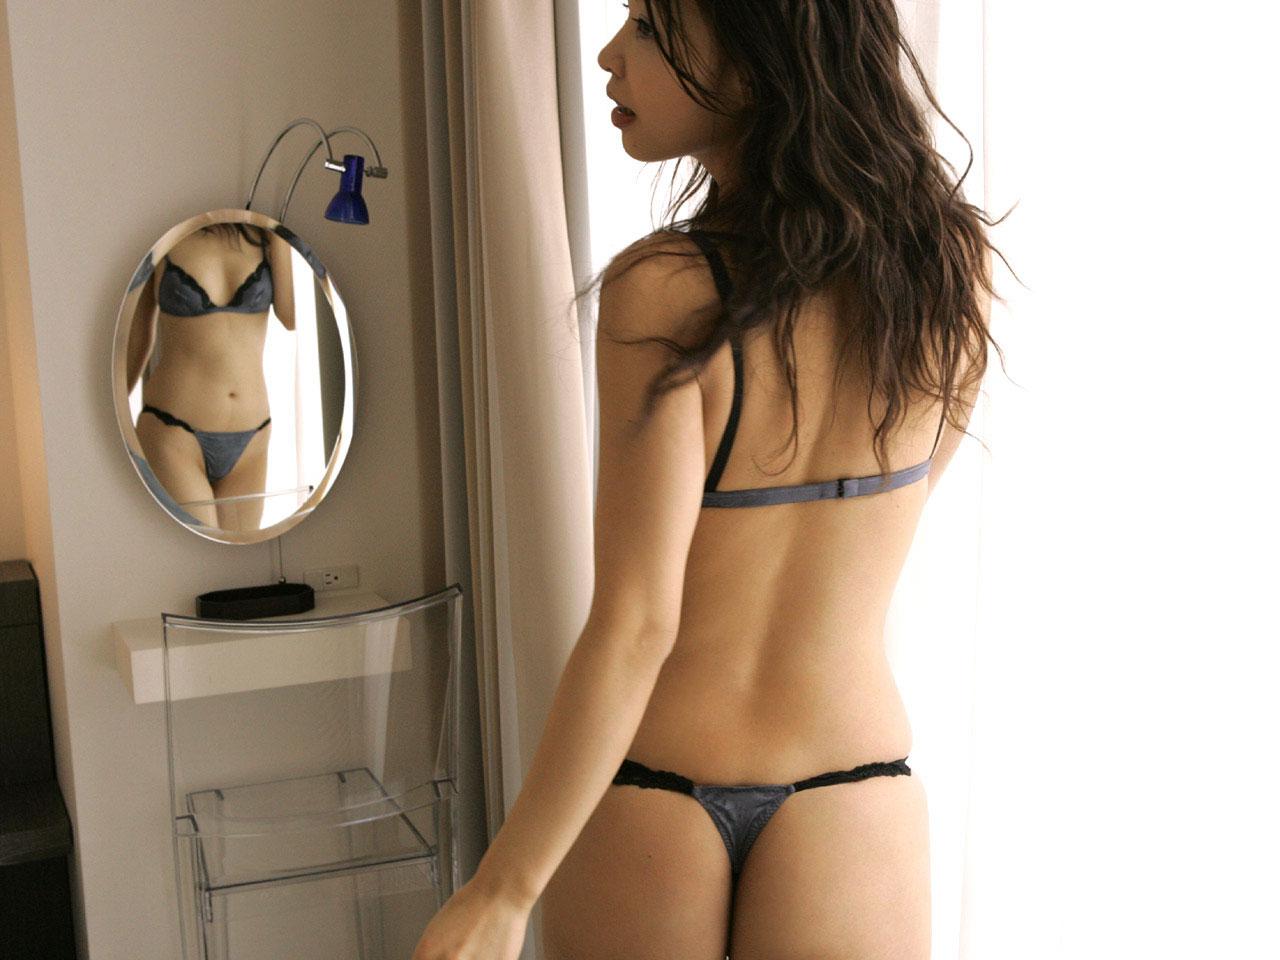 非処女がよく着てそうな黒下着のエロ画像 part8